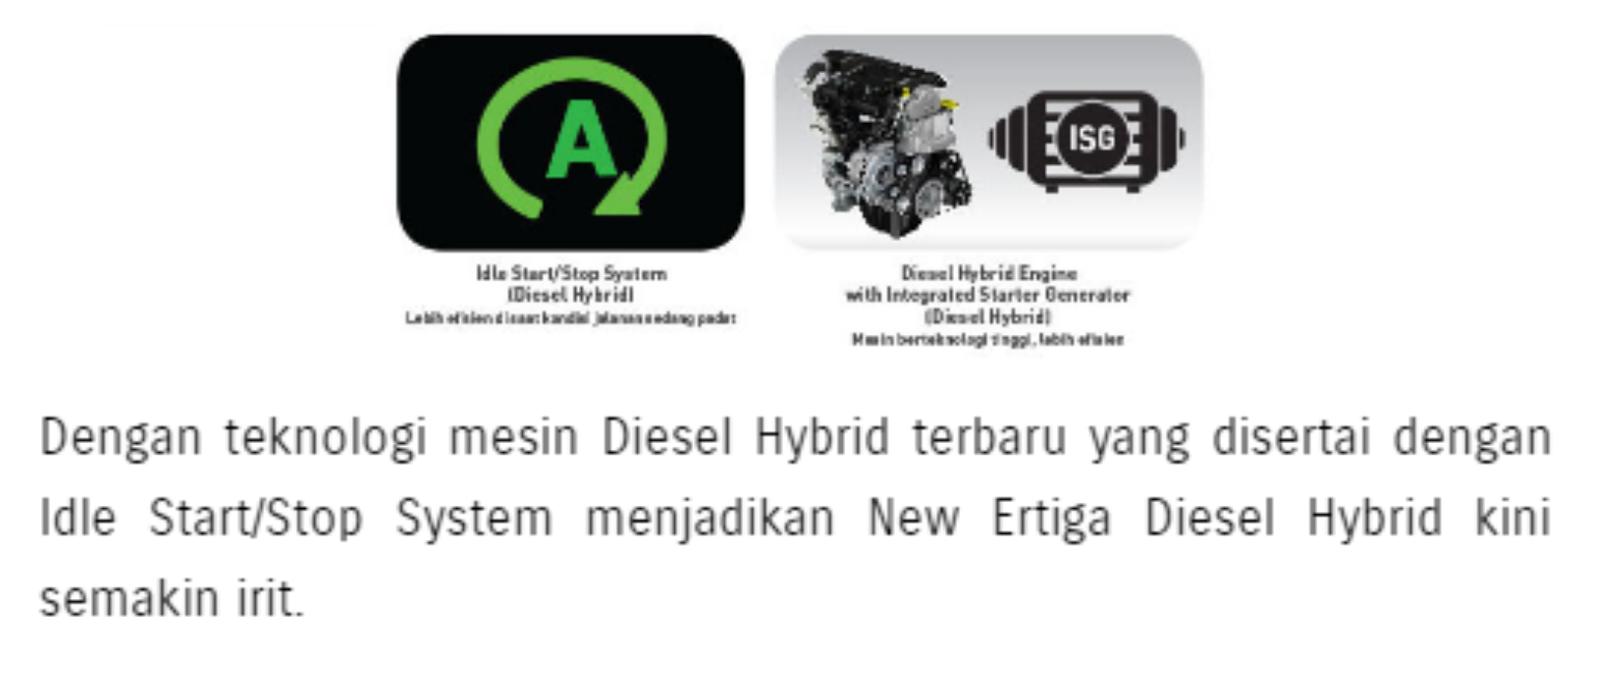 Fitur-Keamanan-Ertiga-Hybrid